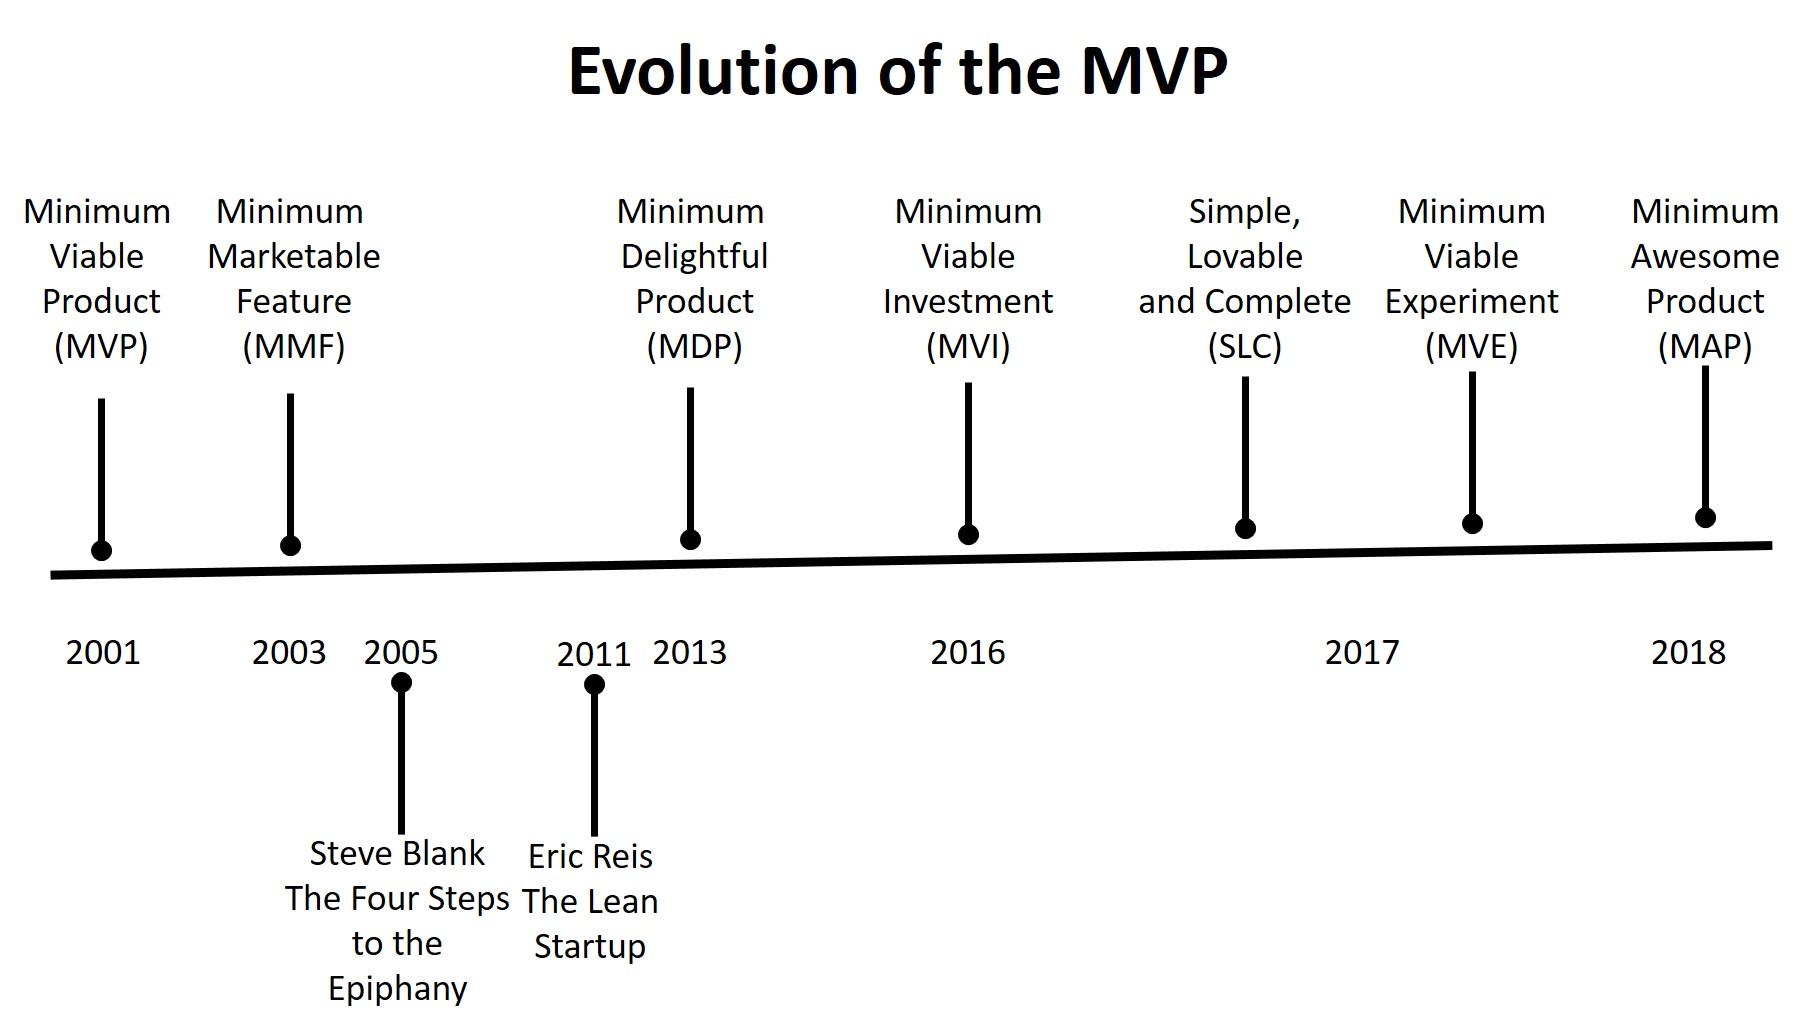 Minimum Viable Product Evolution